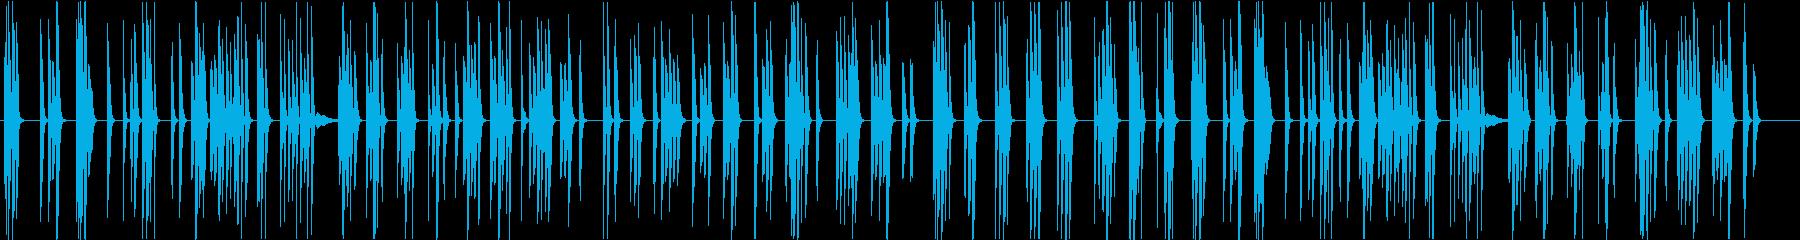 シンプルな暮らし-CM・映像-ピアノの再生済みの波形